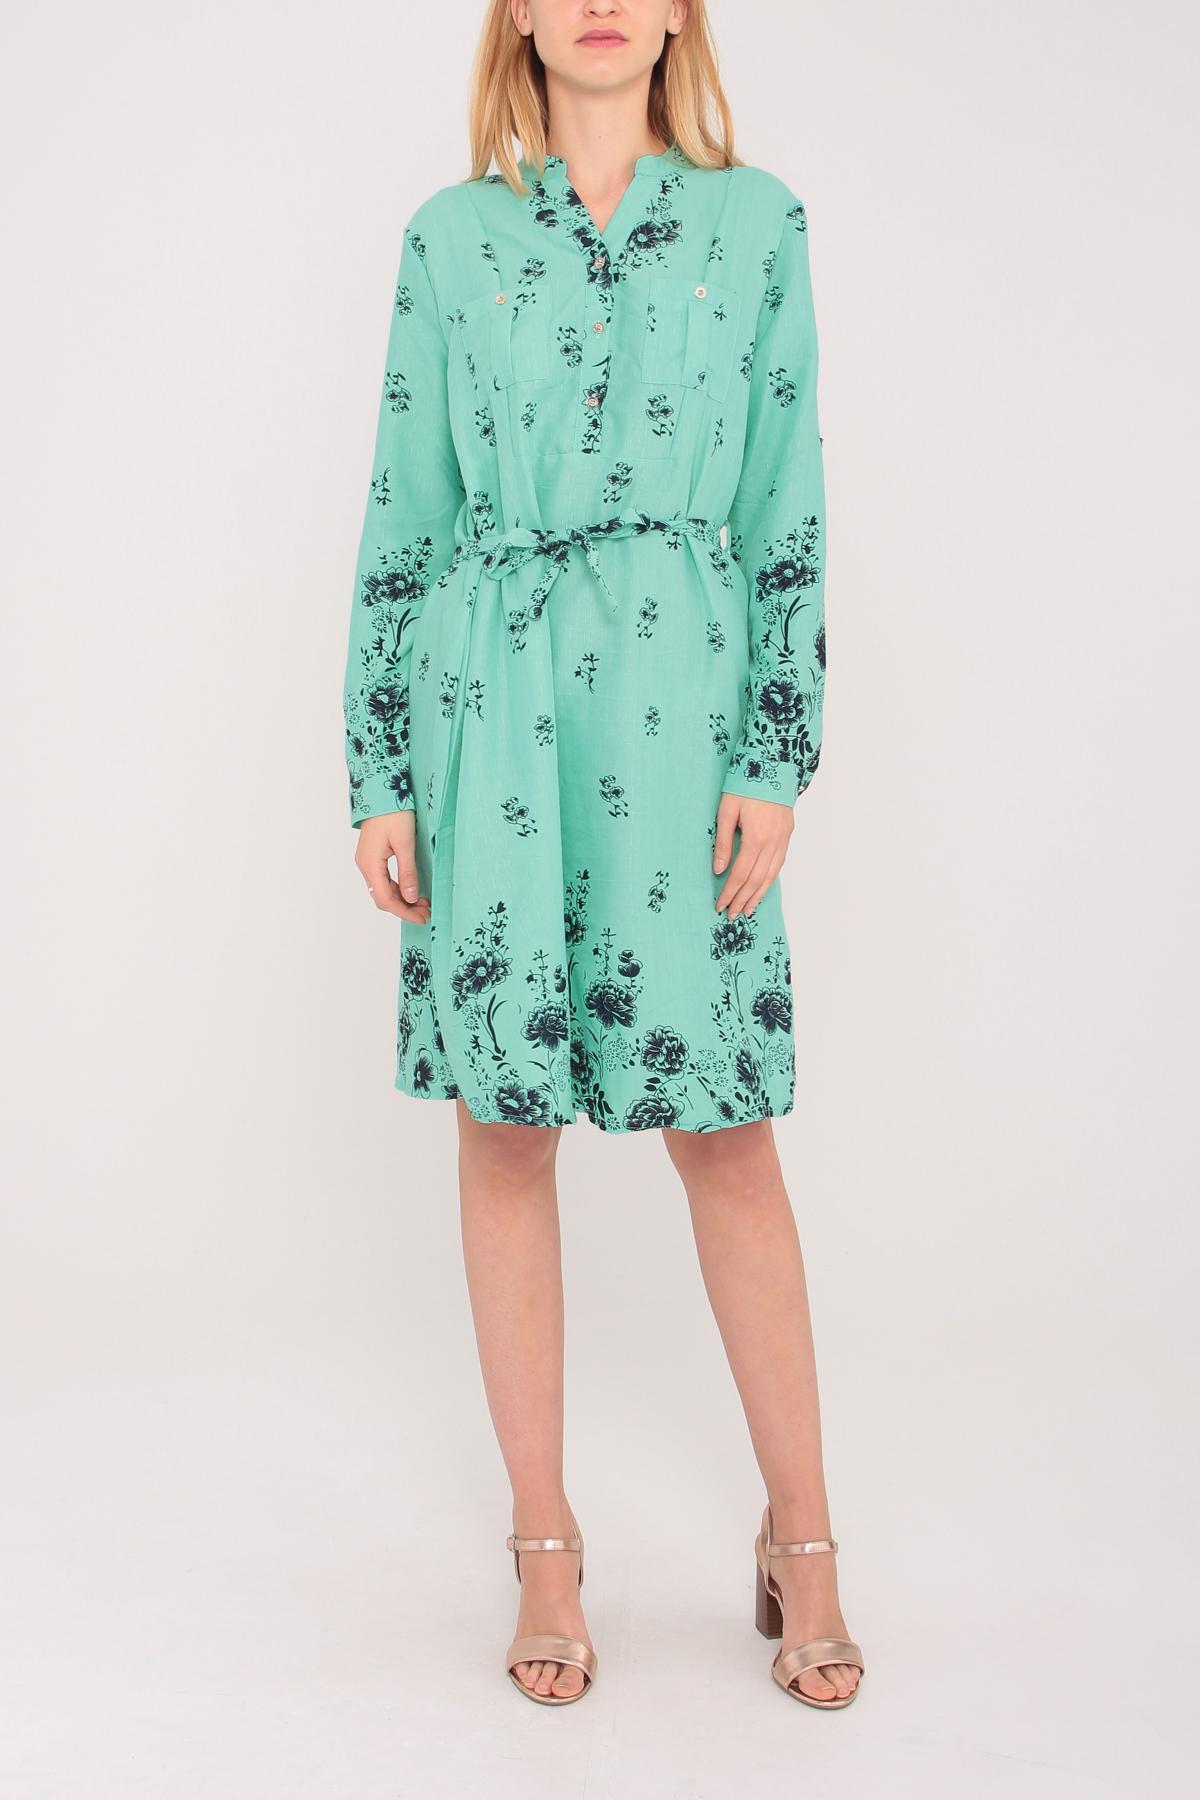 Robes mi-longues Femme Couleurs mélangées Nova Fashion 8933 #c eFashion Paris